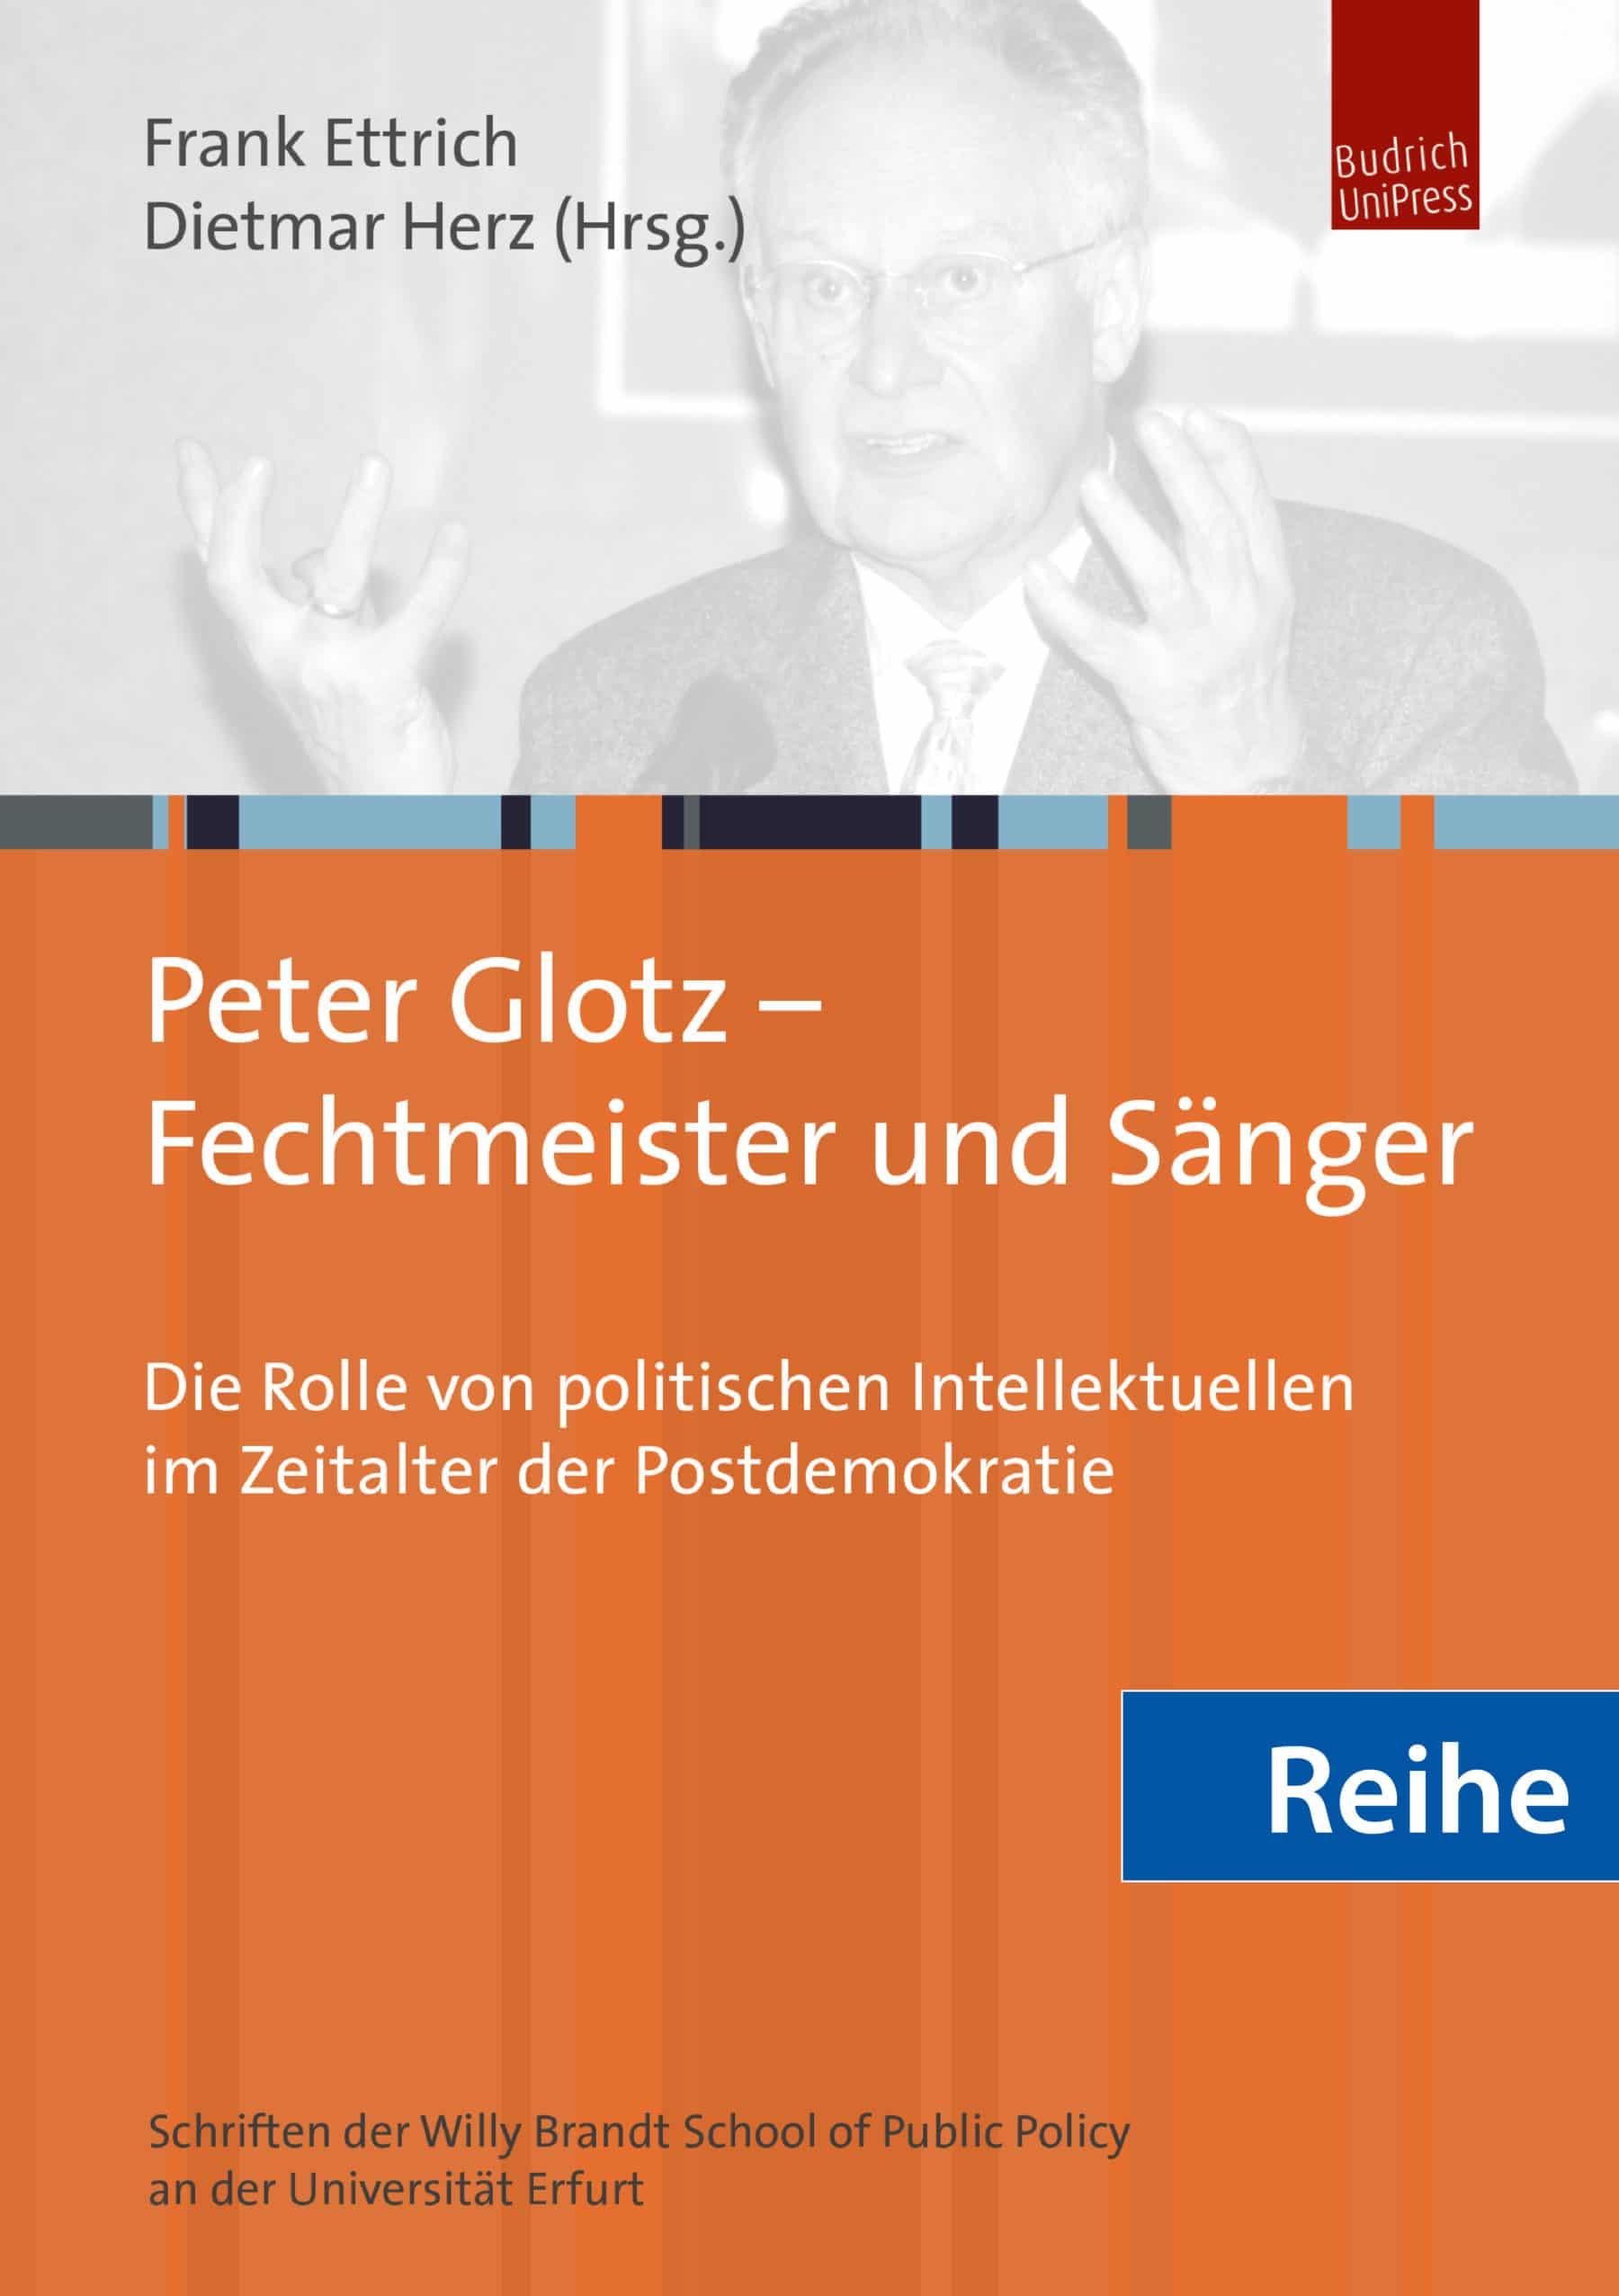 Reihe – Schriften der Willy Brandt School of Public Policy an der Universität Erfurt